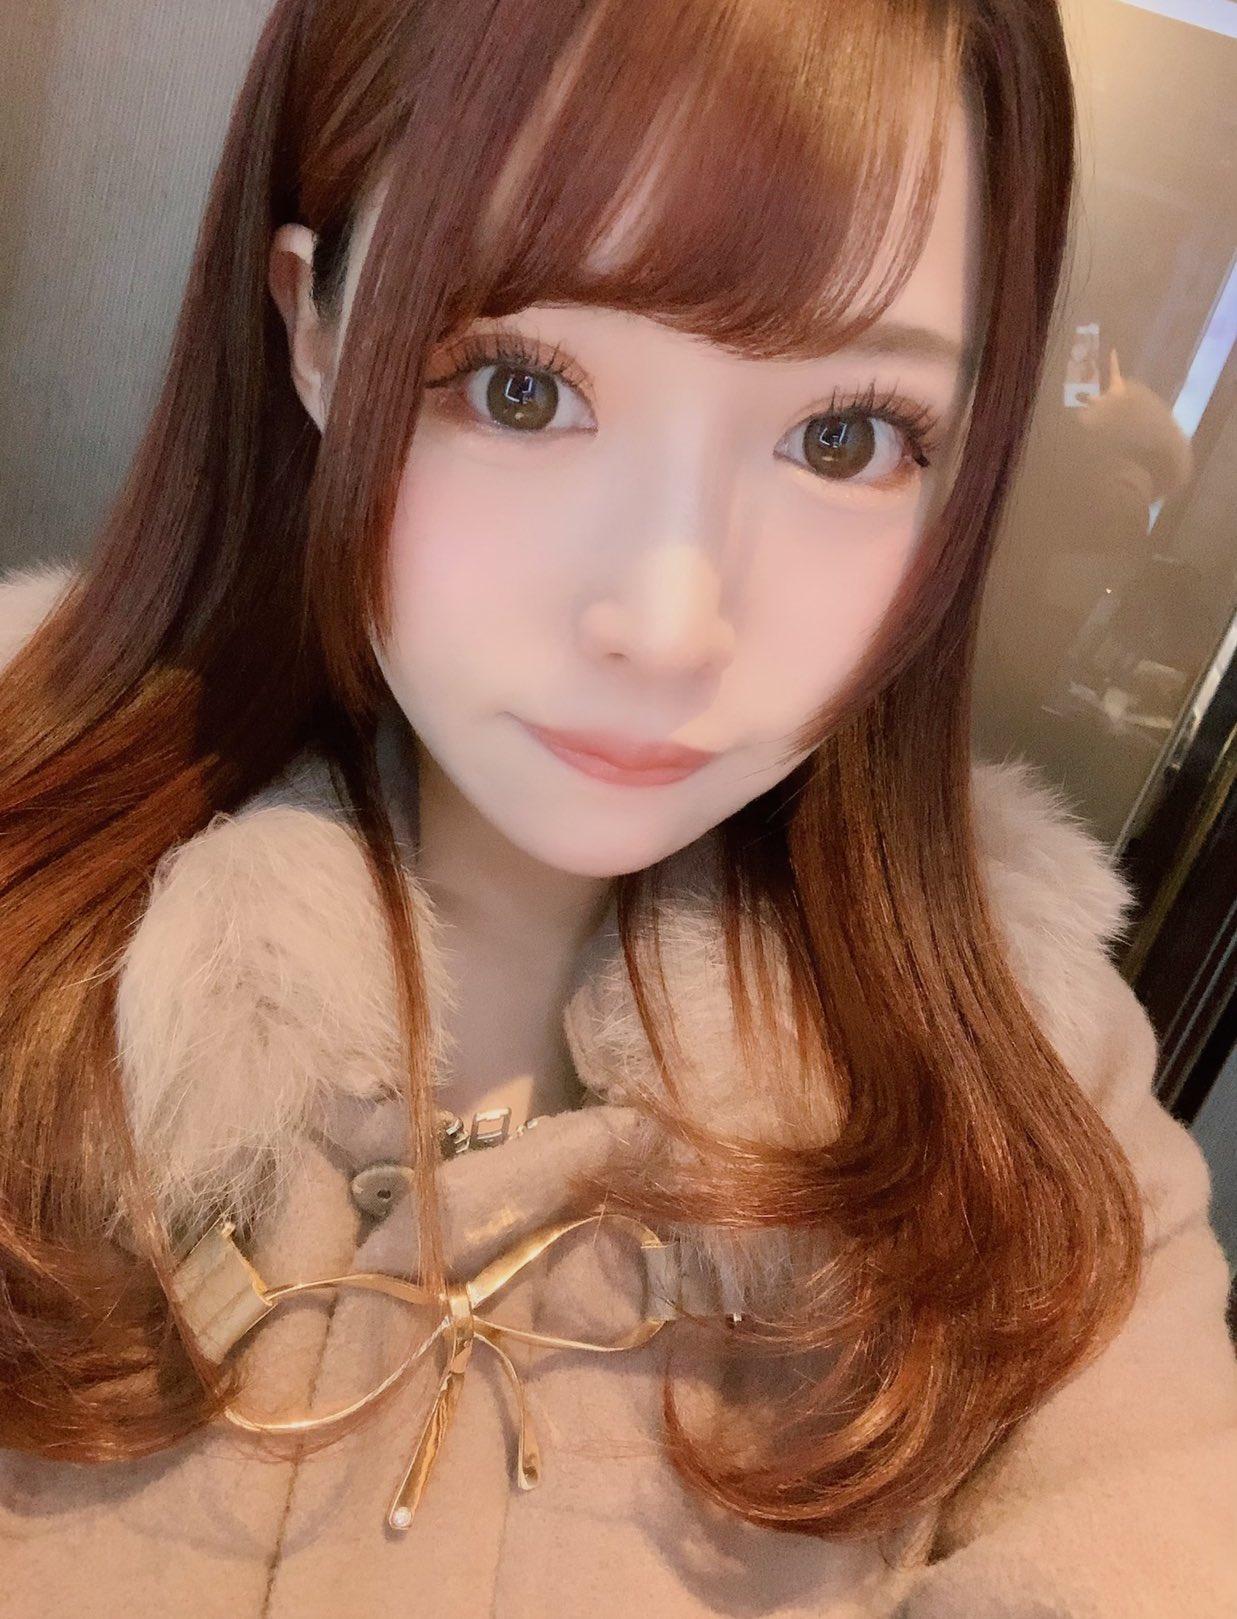 【結まきなエロ画像】清楚系と見せかけて実は経験豊富な美少女・結まきな!